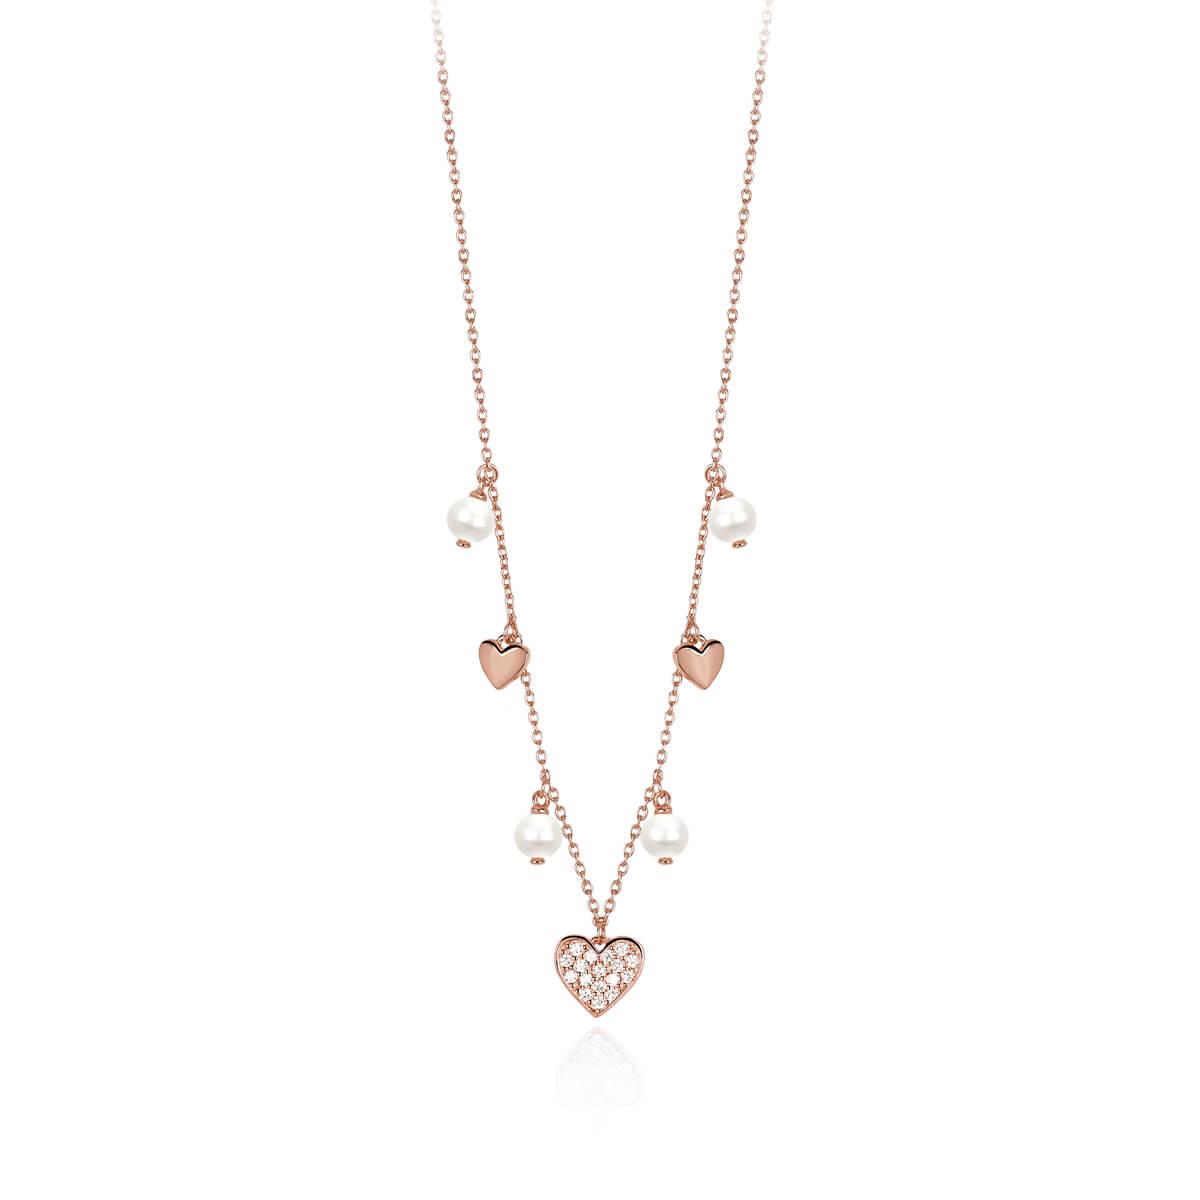 molto carino 78322 dc094 Collana Mabina con Cuori e Perle in Argento Rosato - 553284